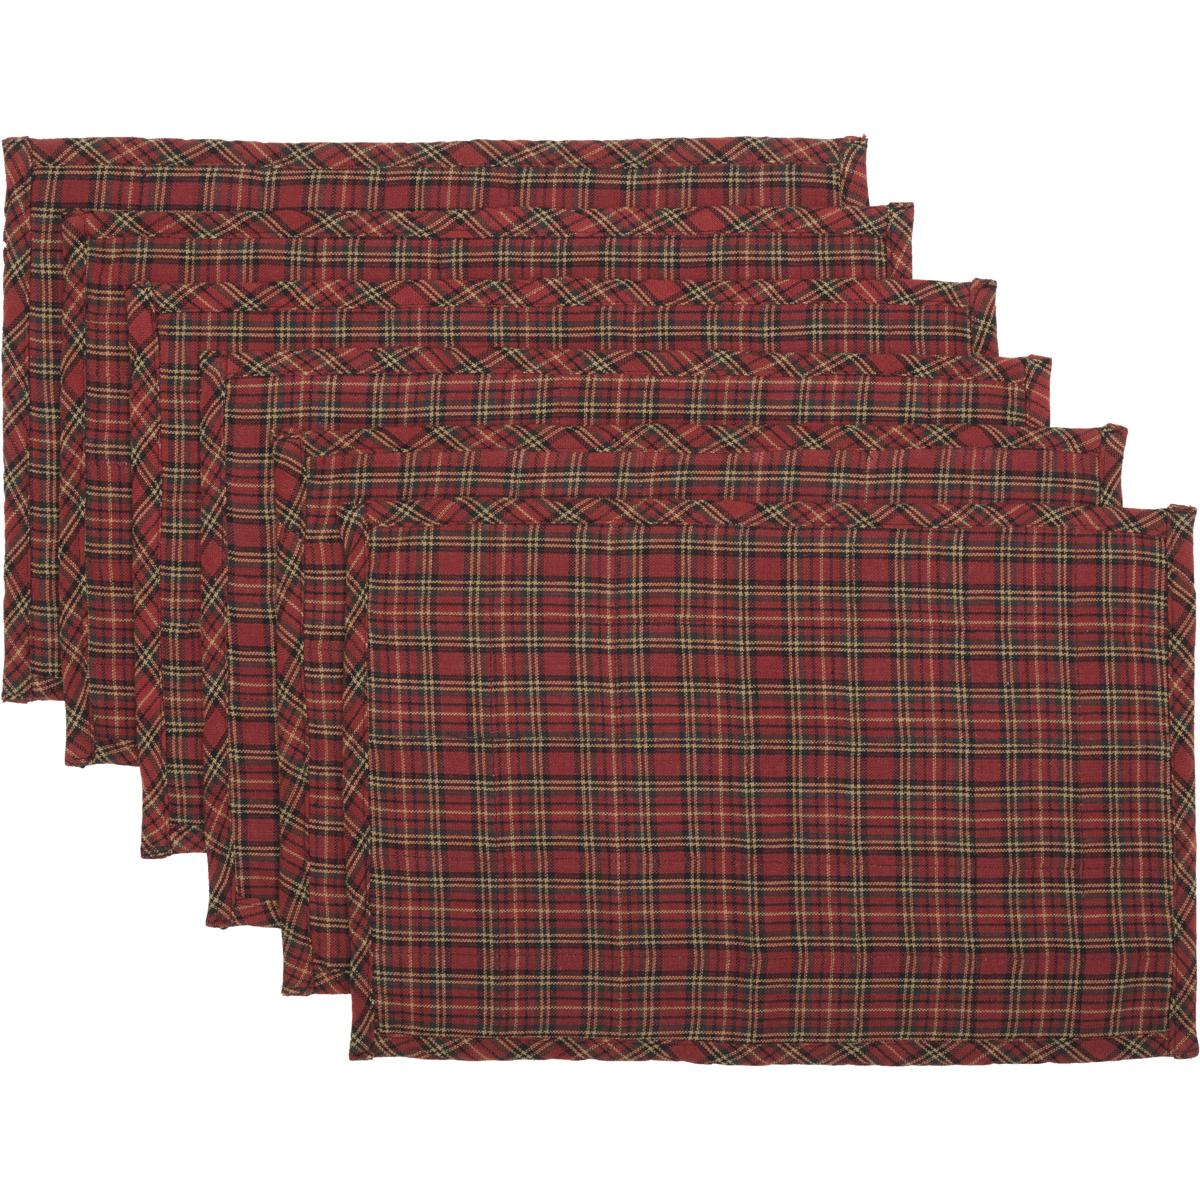 Tartan Holiday Placemat Set of 6 12x18